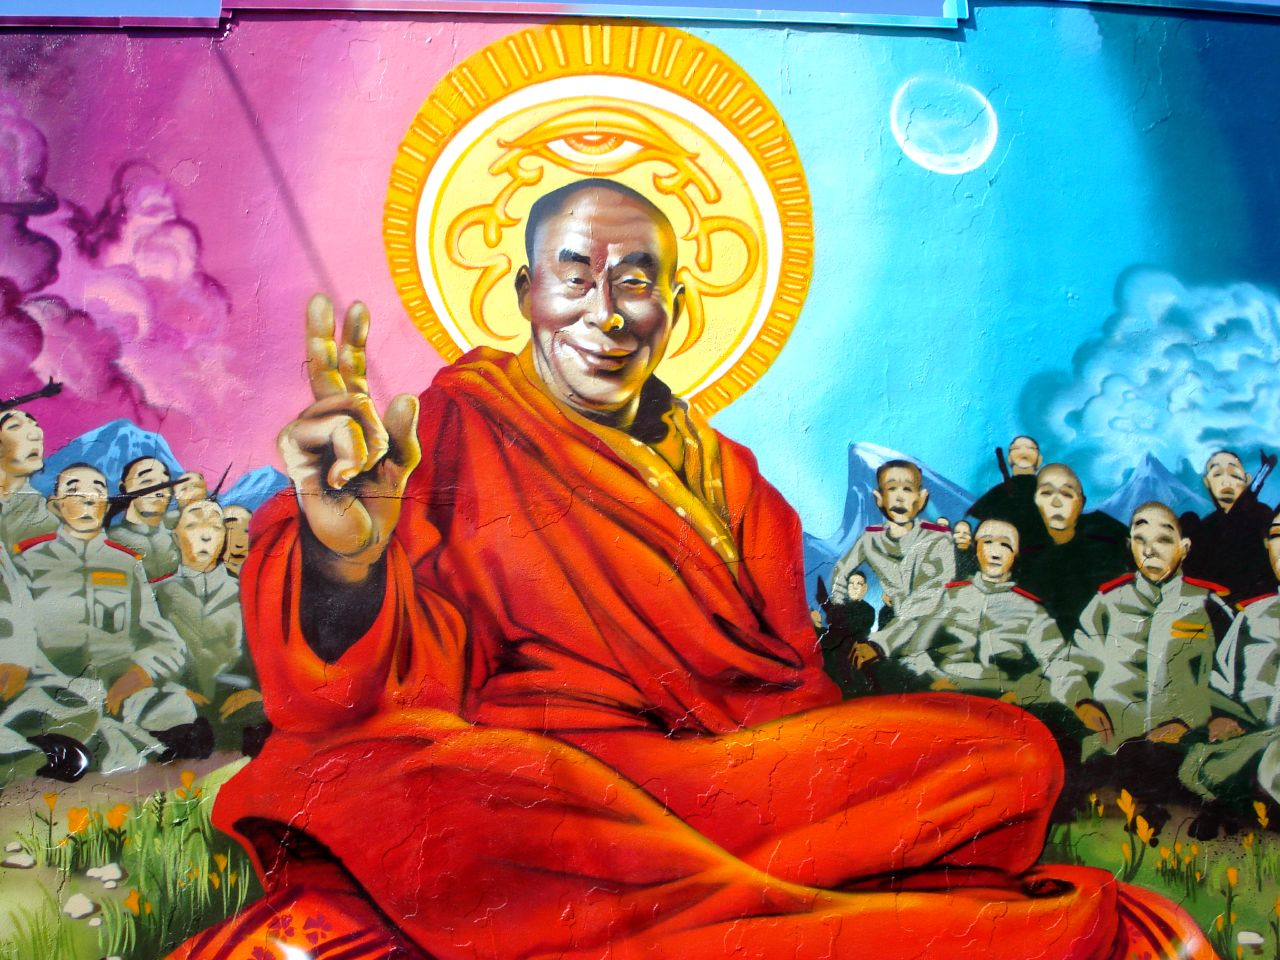 mear-dalai-lama-close-up-13